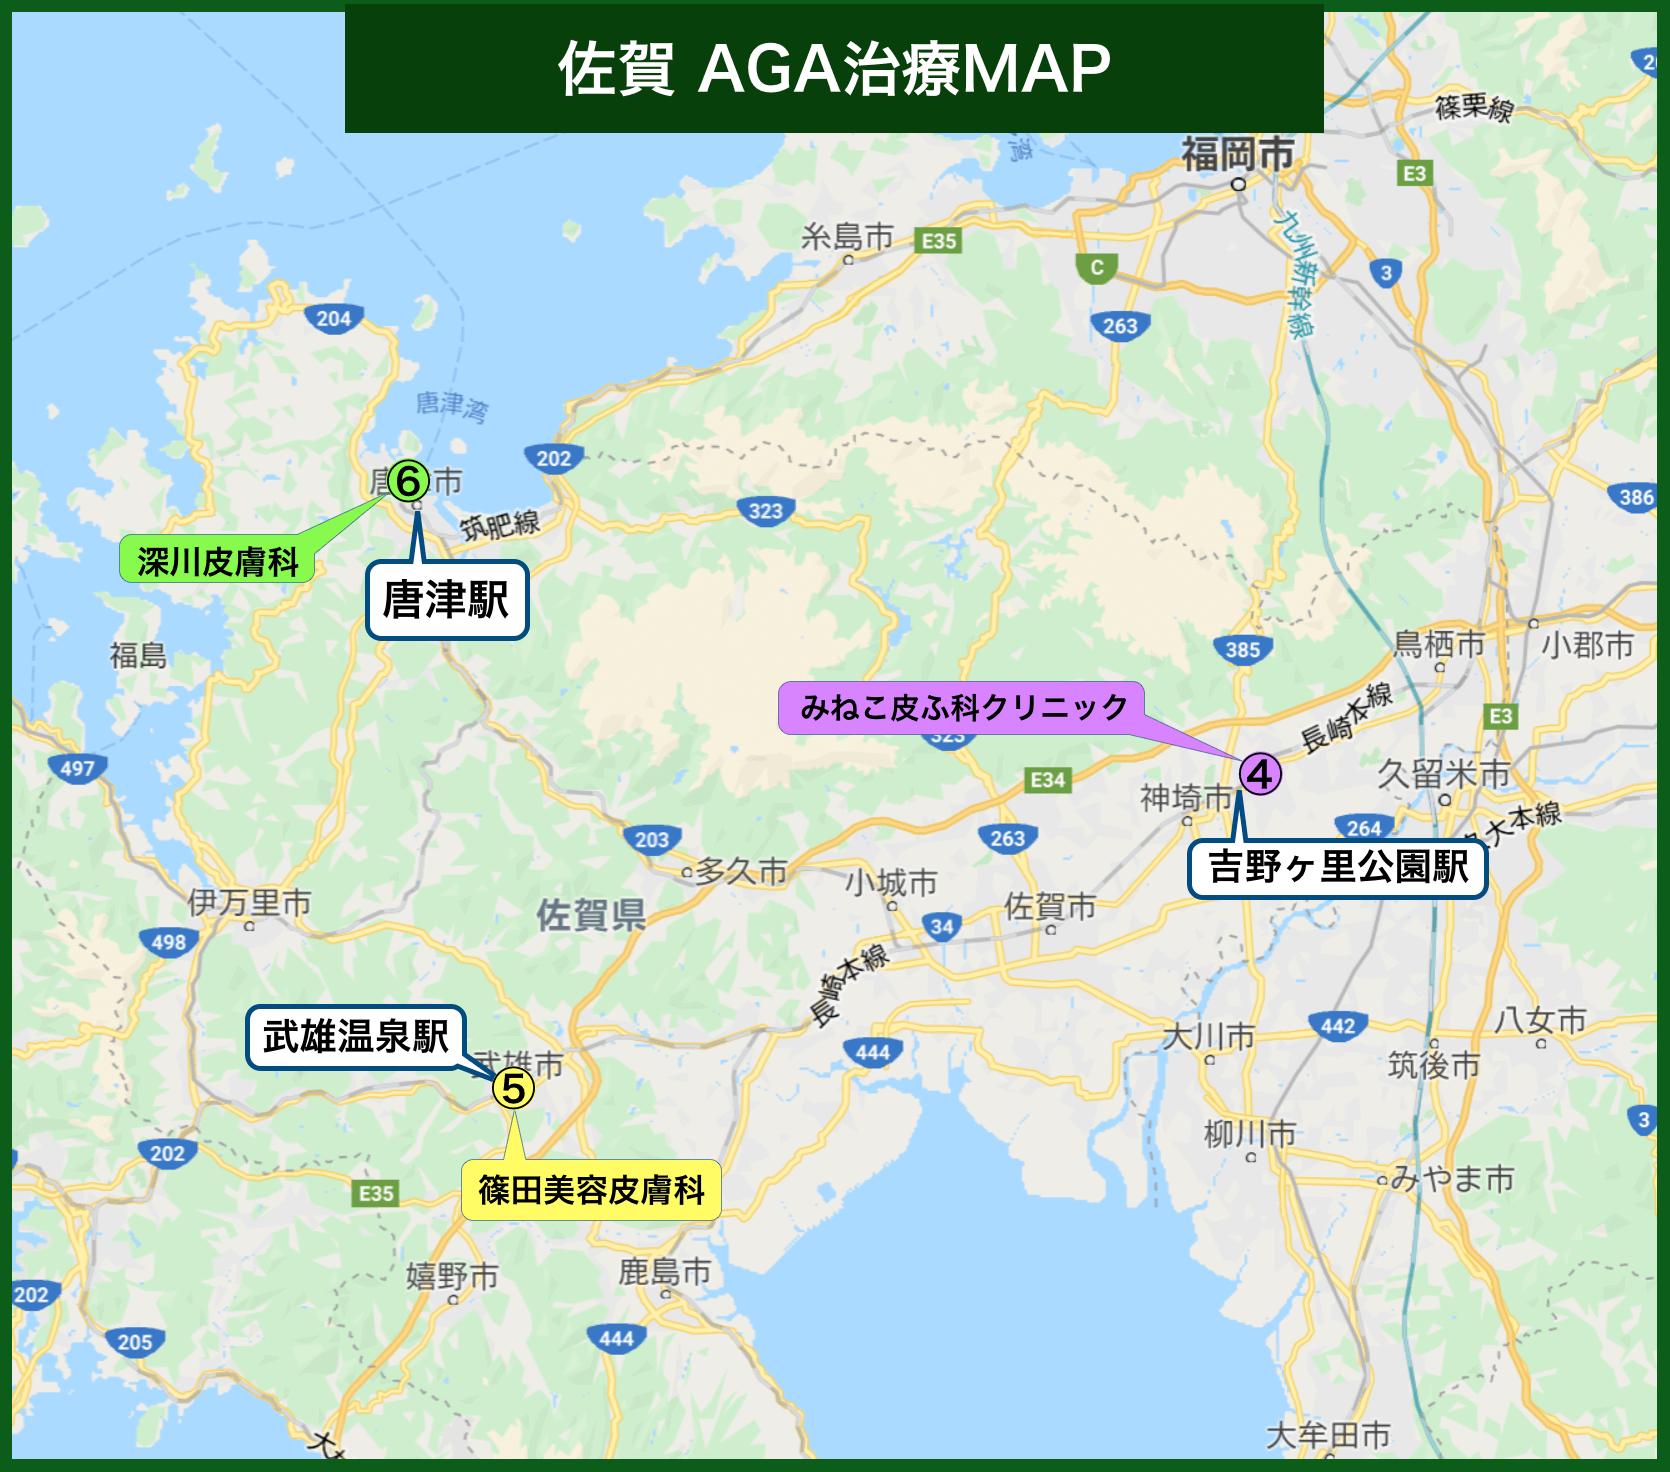 佐賀AGA治療MAP(2020年版)